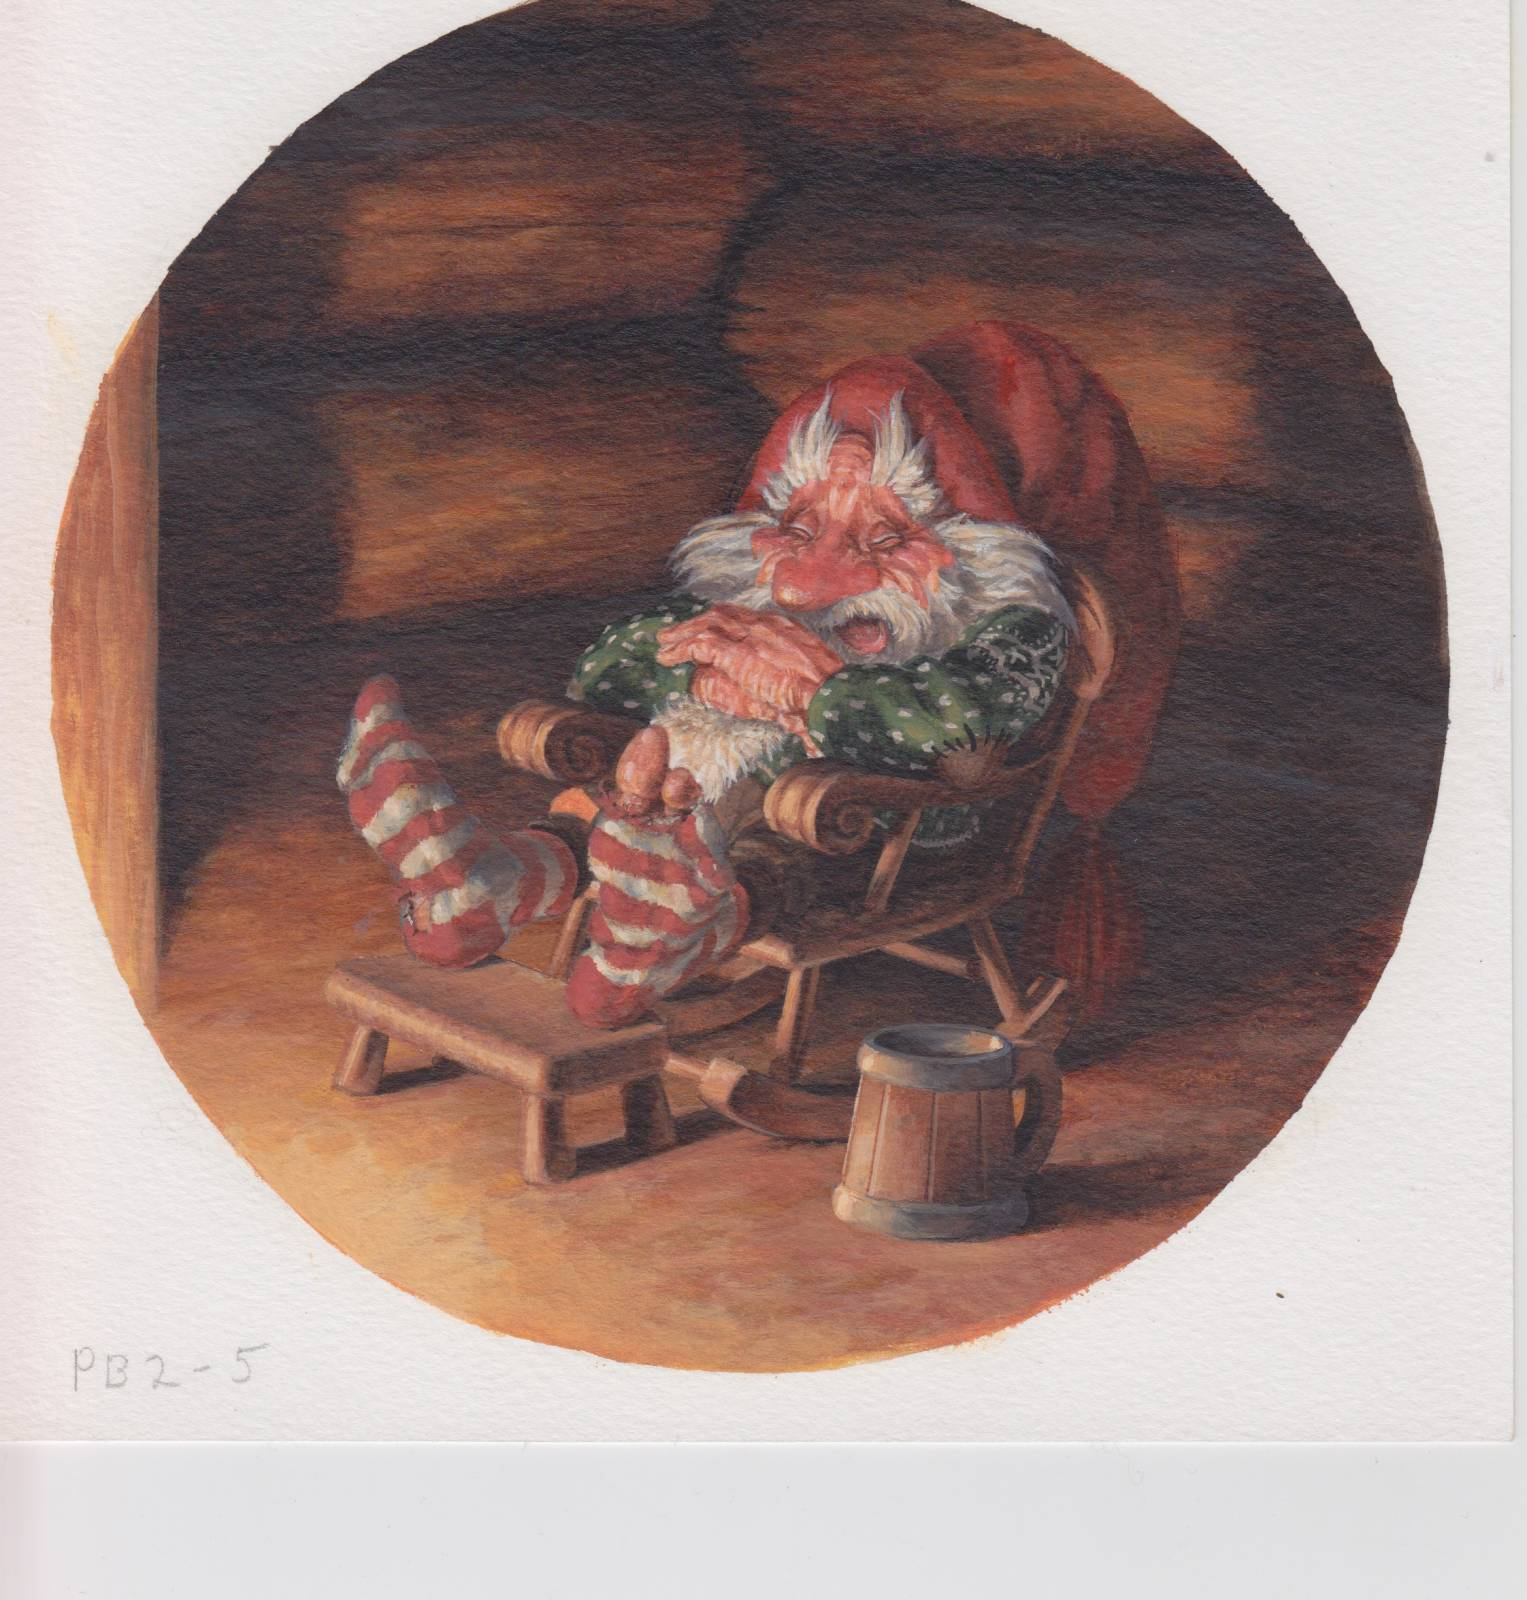 Glaedelig Jule!